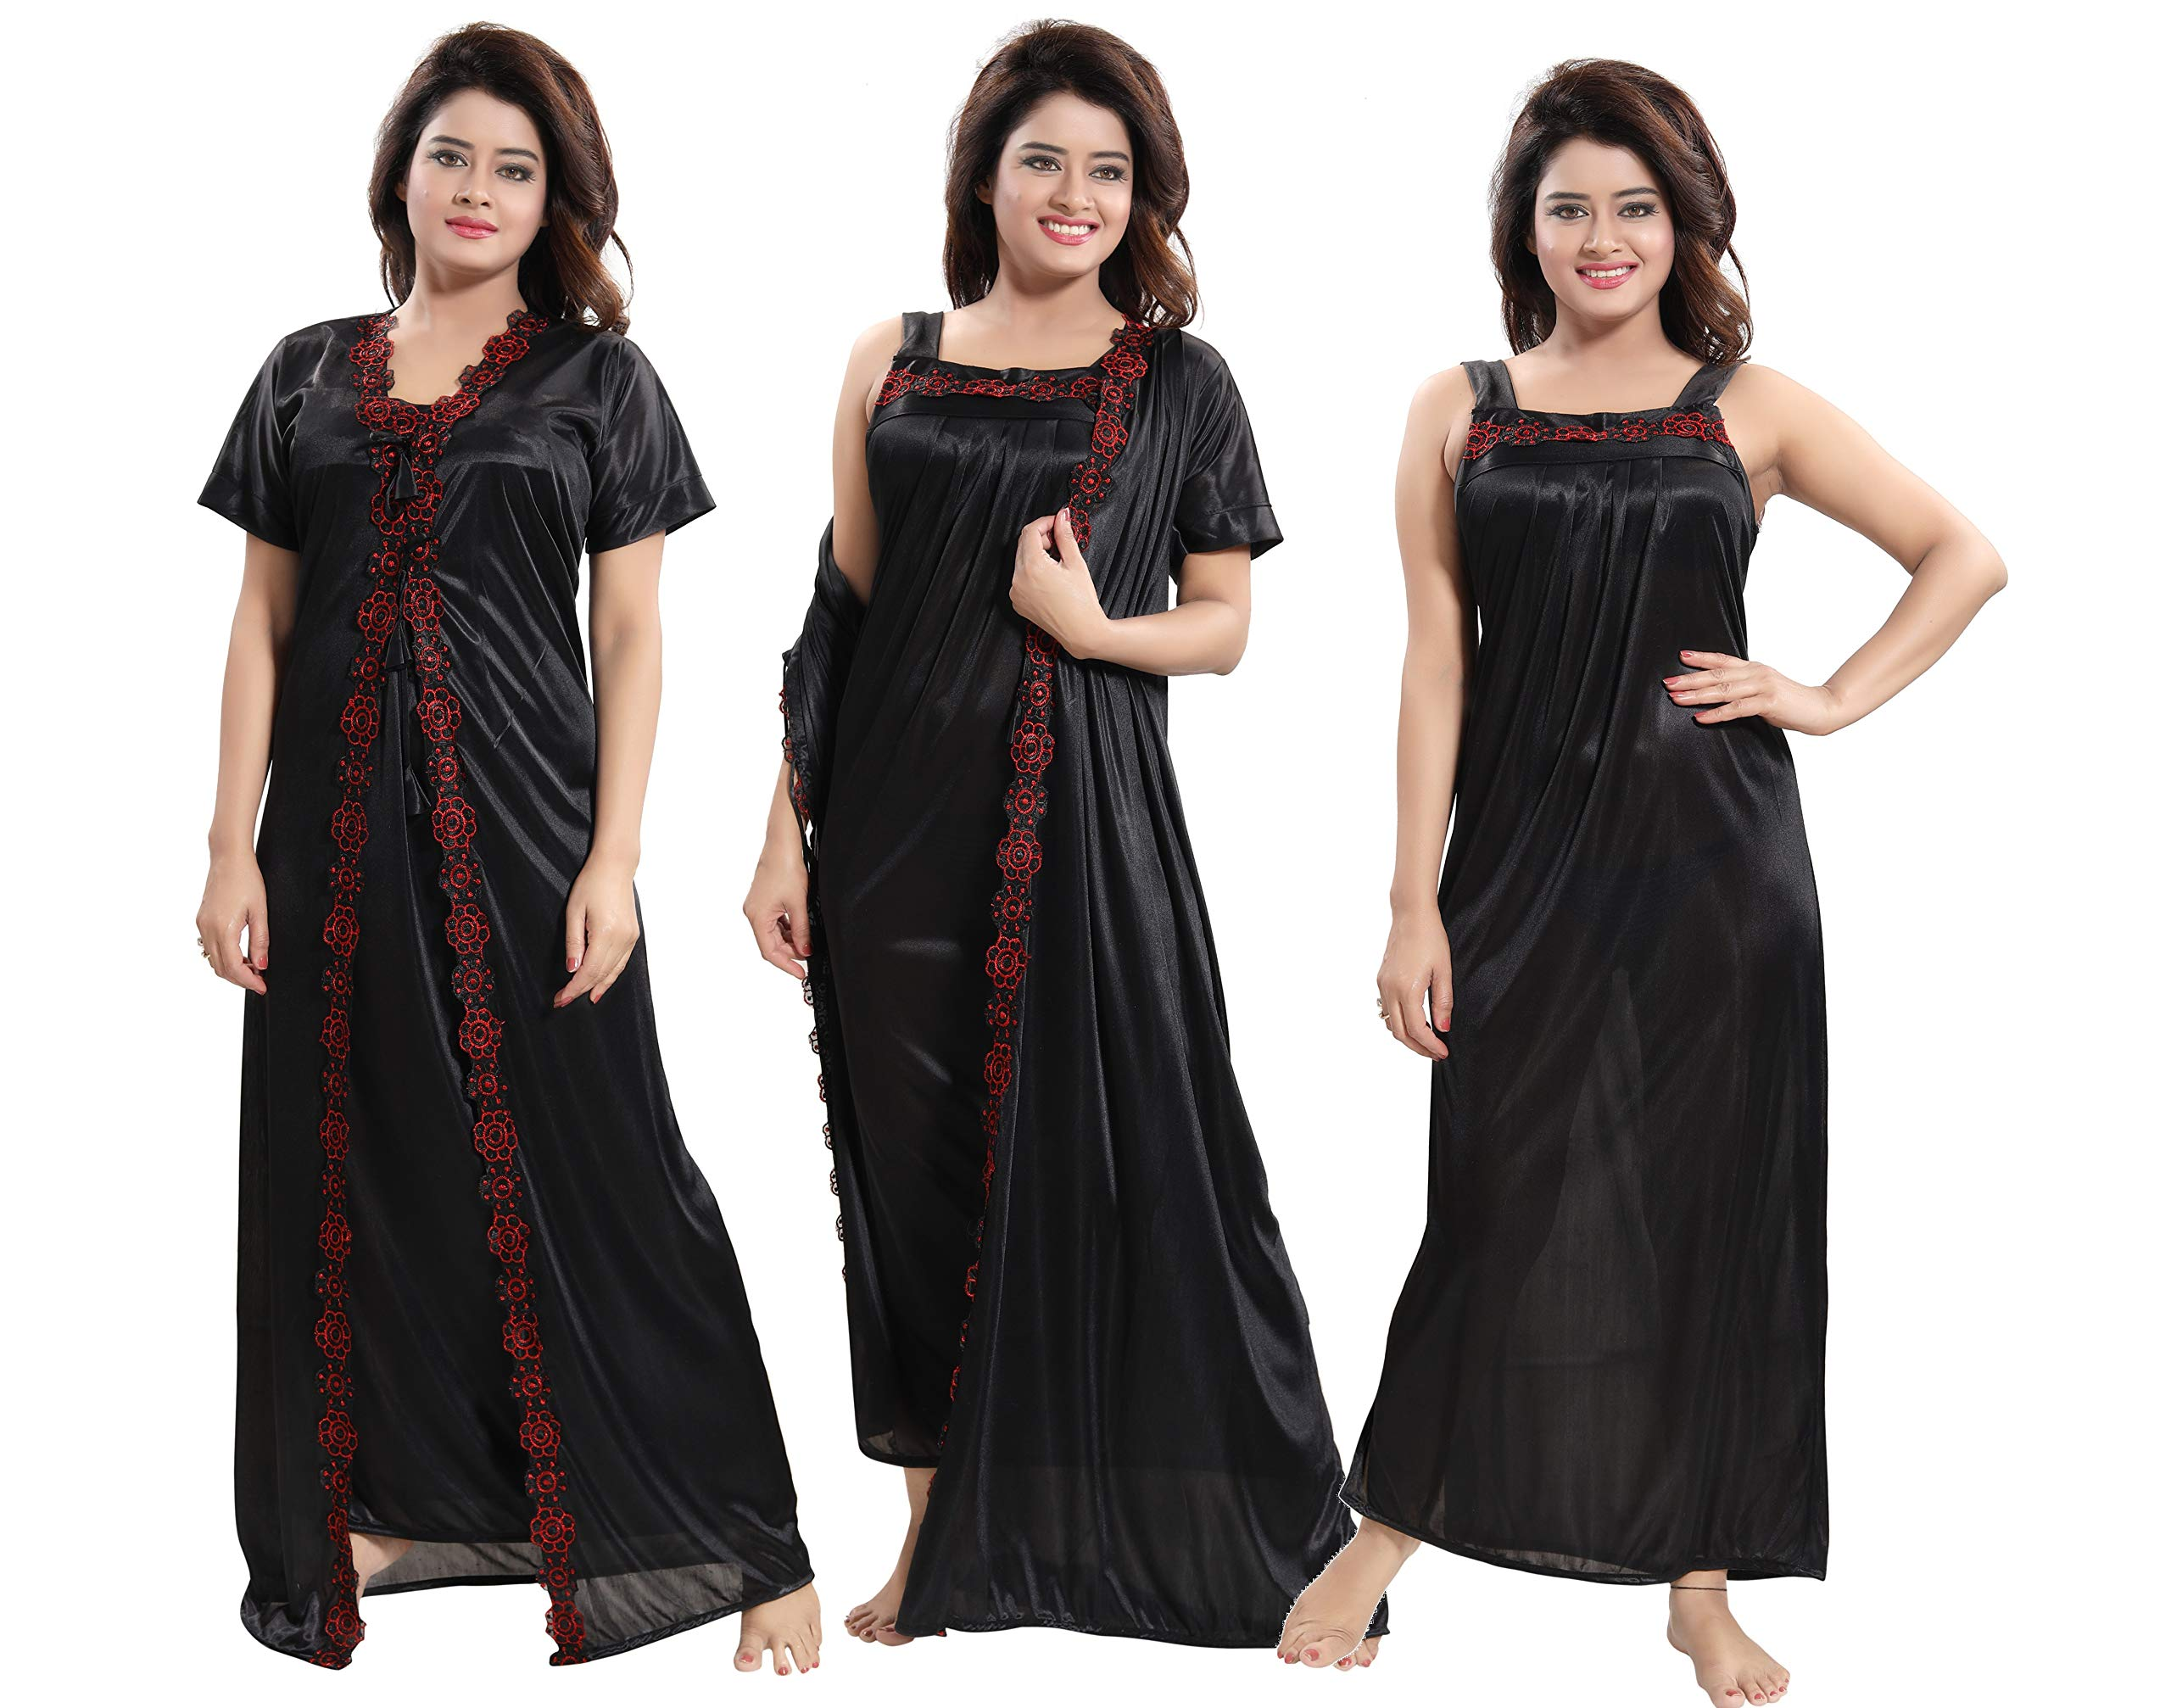 96c05f3c7b TUCUTE Women's 2pcs Nighty/Nightdress/Nightwear (Gown & Robe) Size ...